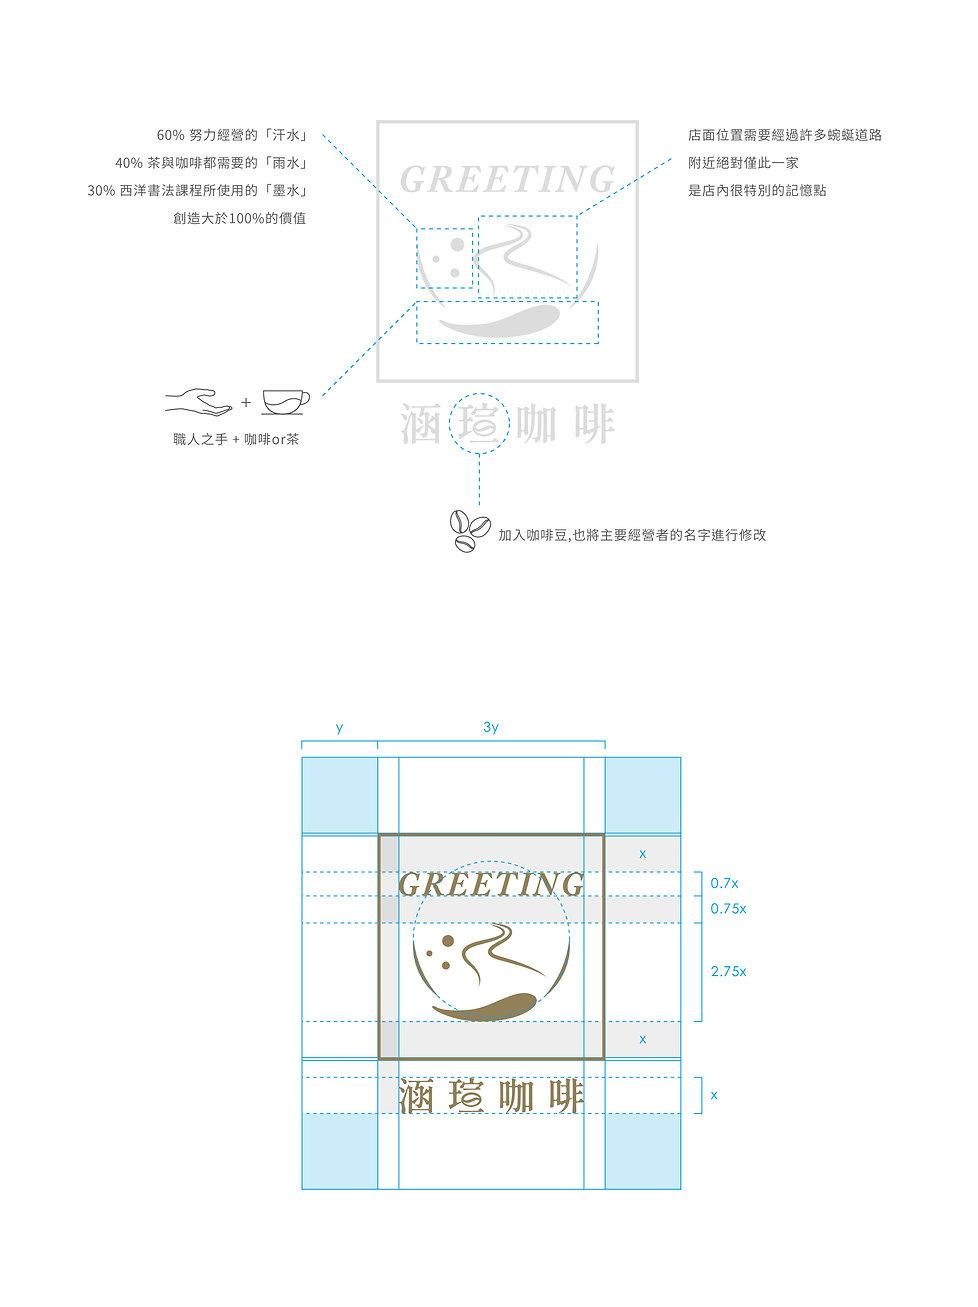 涵瑄咖啡_behance-01.jpg